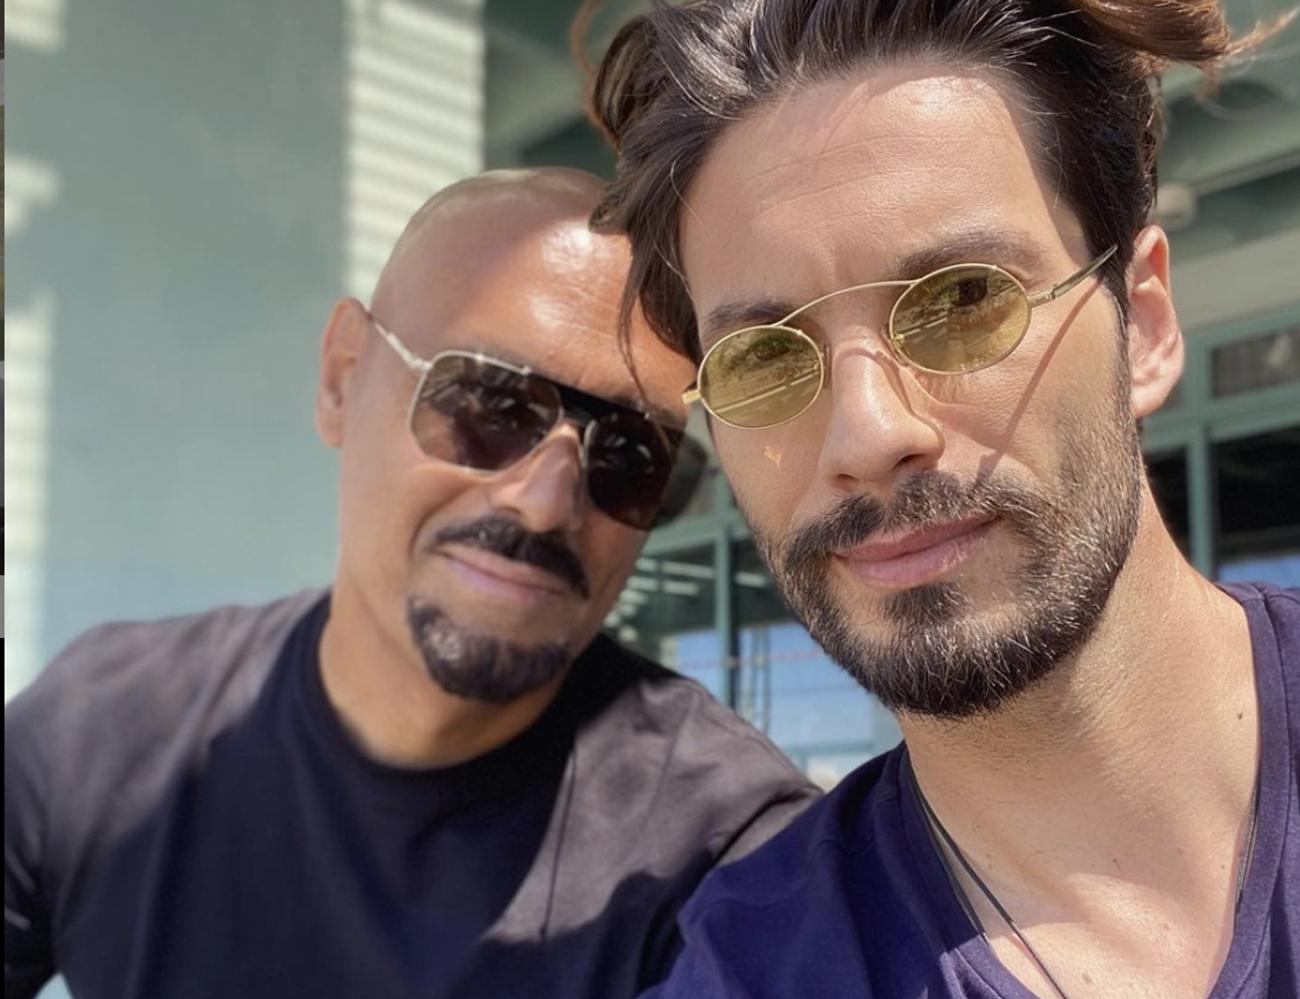 GNTM – Γιώργος Καράβας: Κάνει ηλιοθεραπεία στα γυρισμάτα και γονατίζει το Instagram